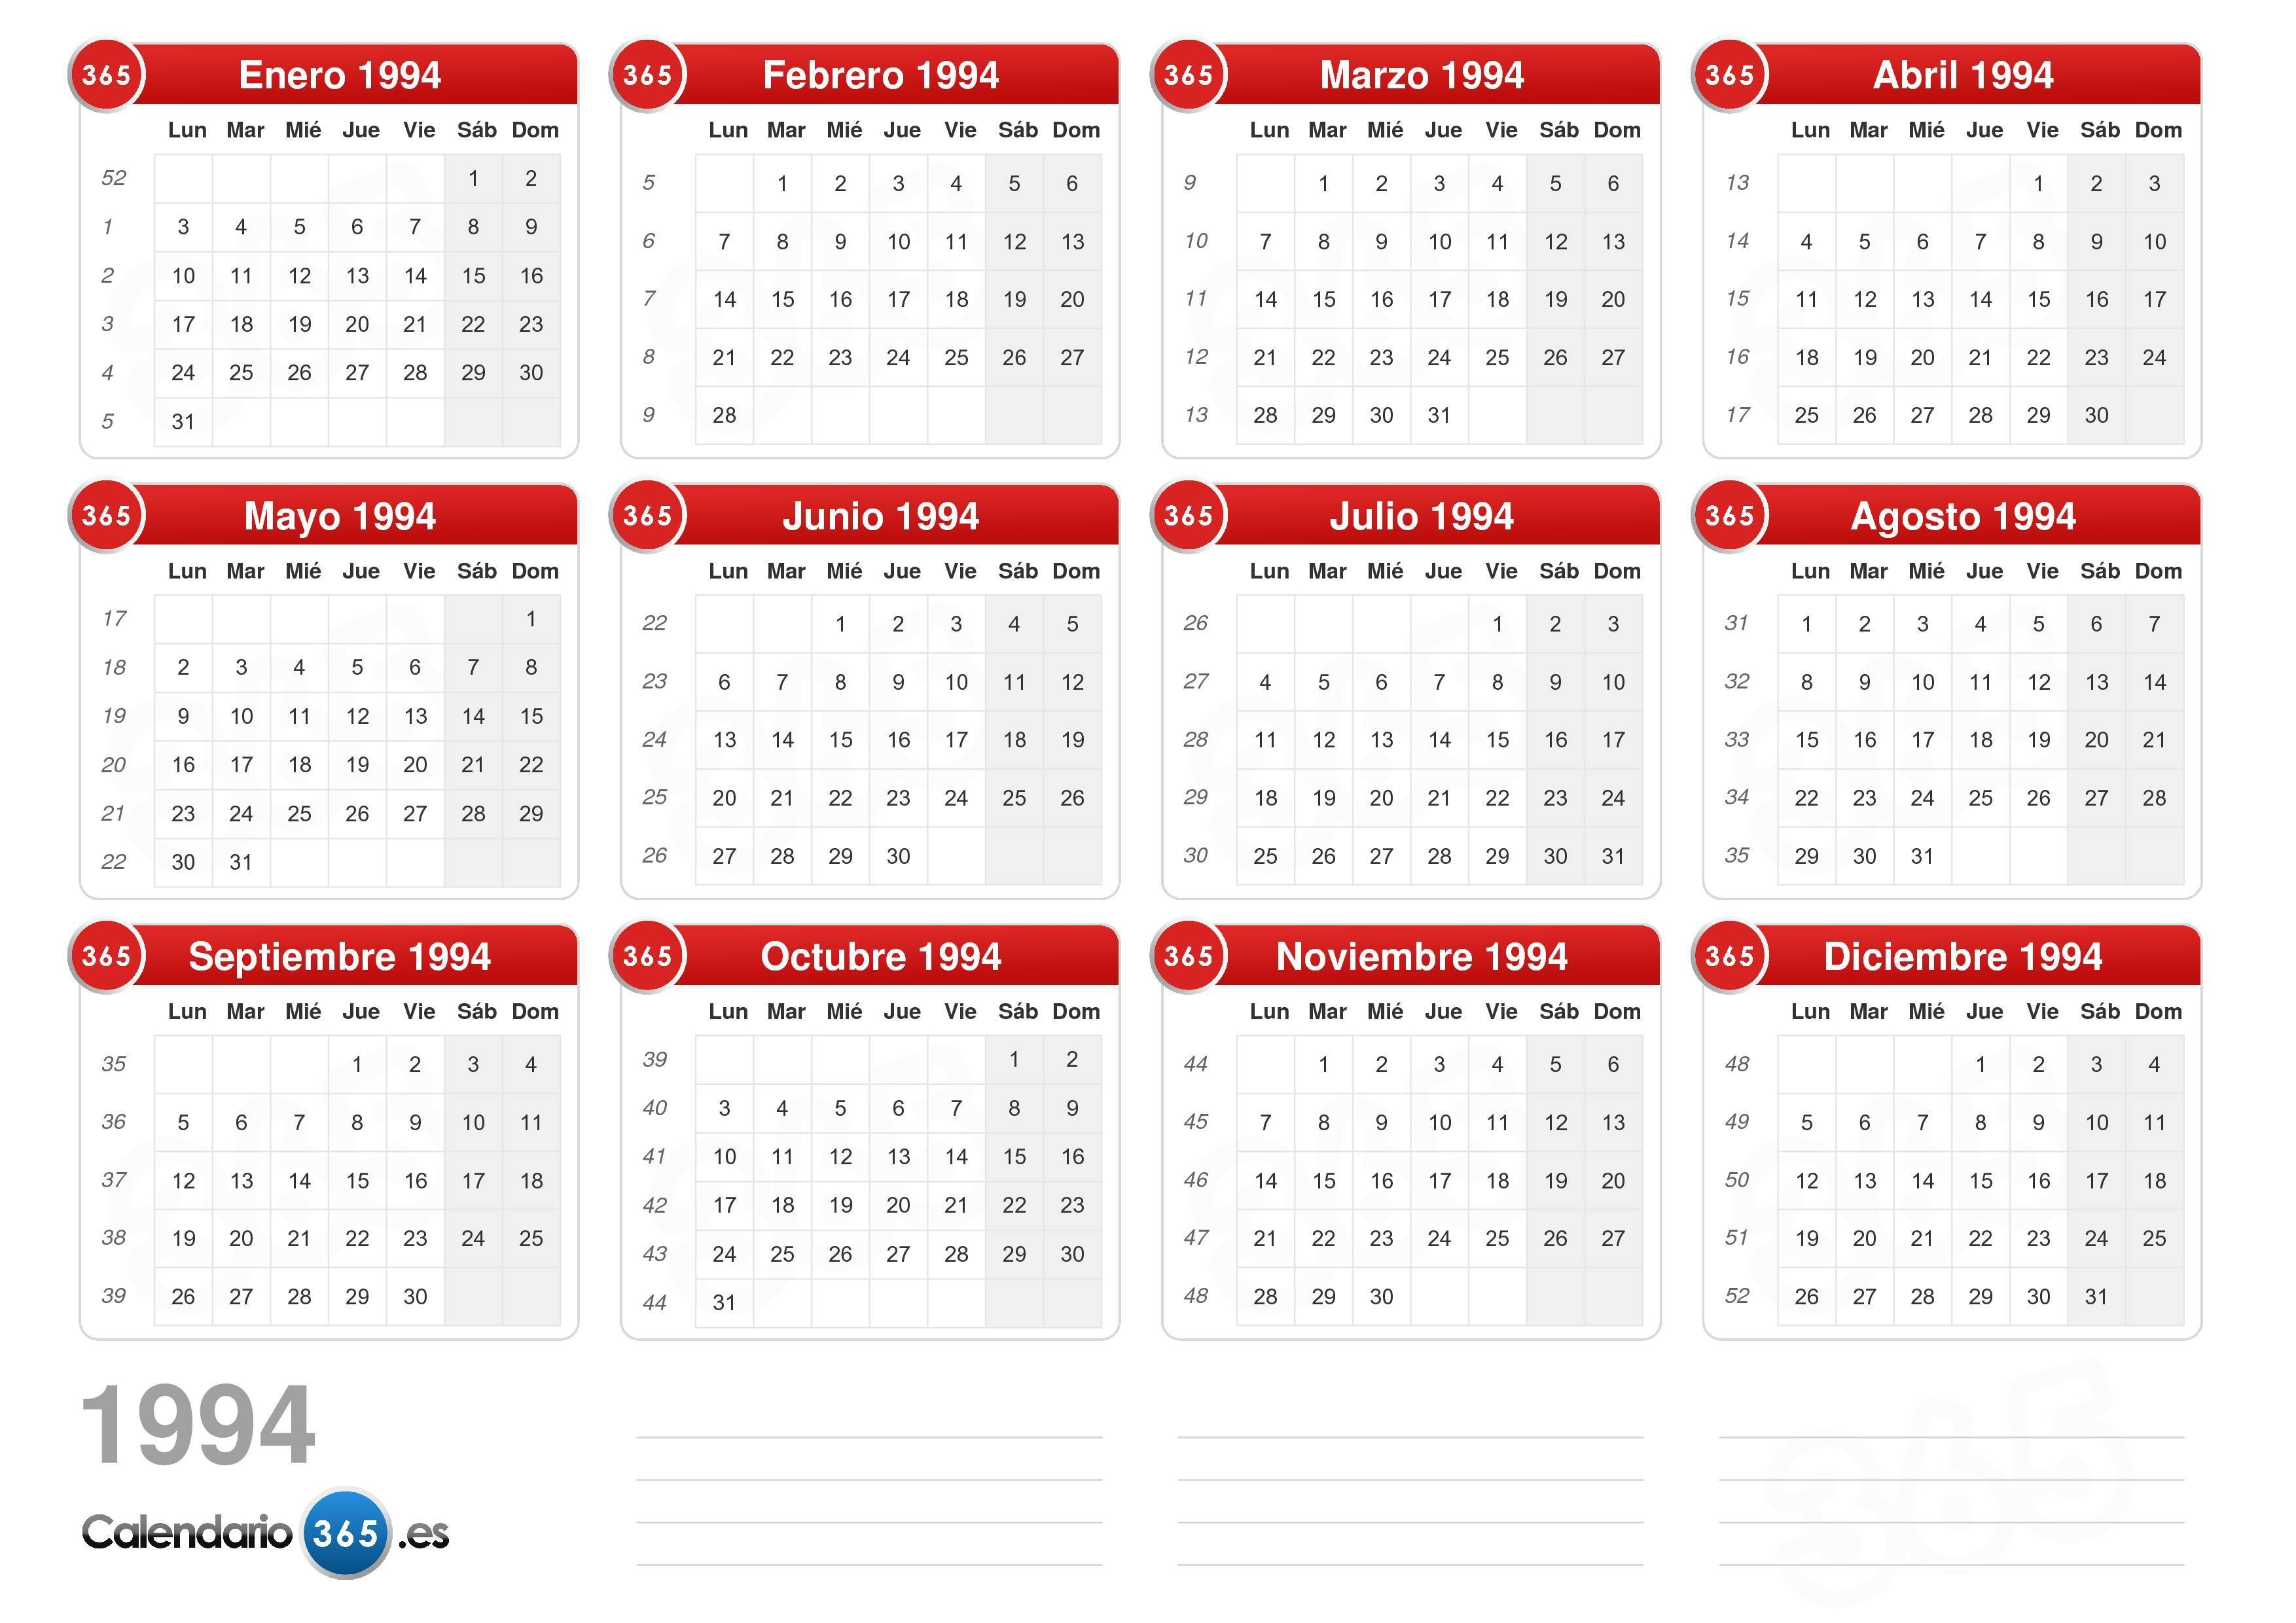 Calendario 2019 Que Marque Los Feriados Más Recientemente Liberado Calendario De 1995 Of Calendario 2019 Que Marque Los Feriados Más Recientemente Liberado Metepec Museo Del Pueblo